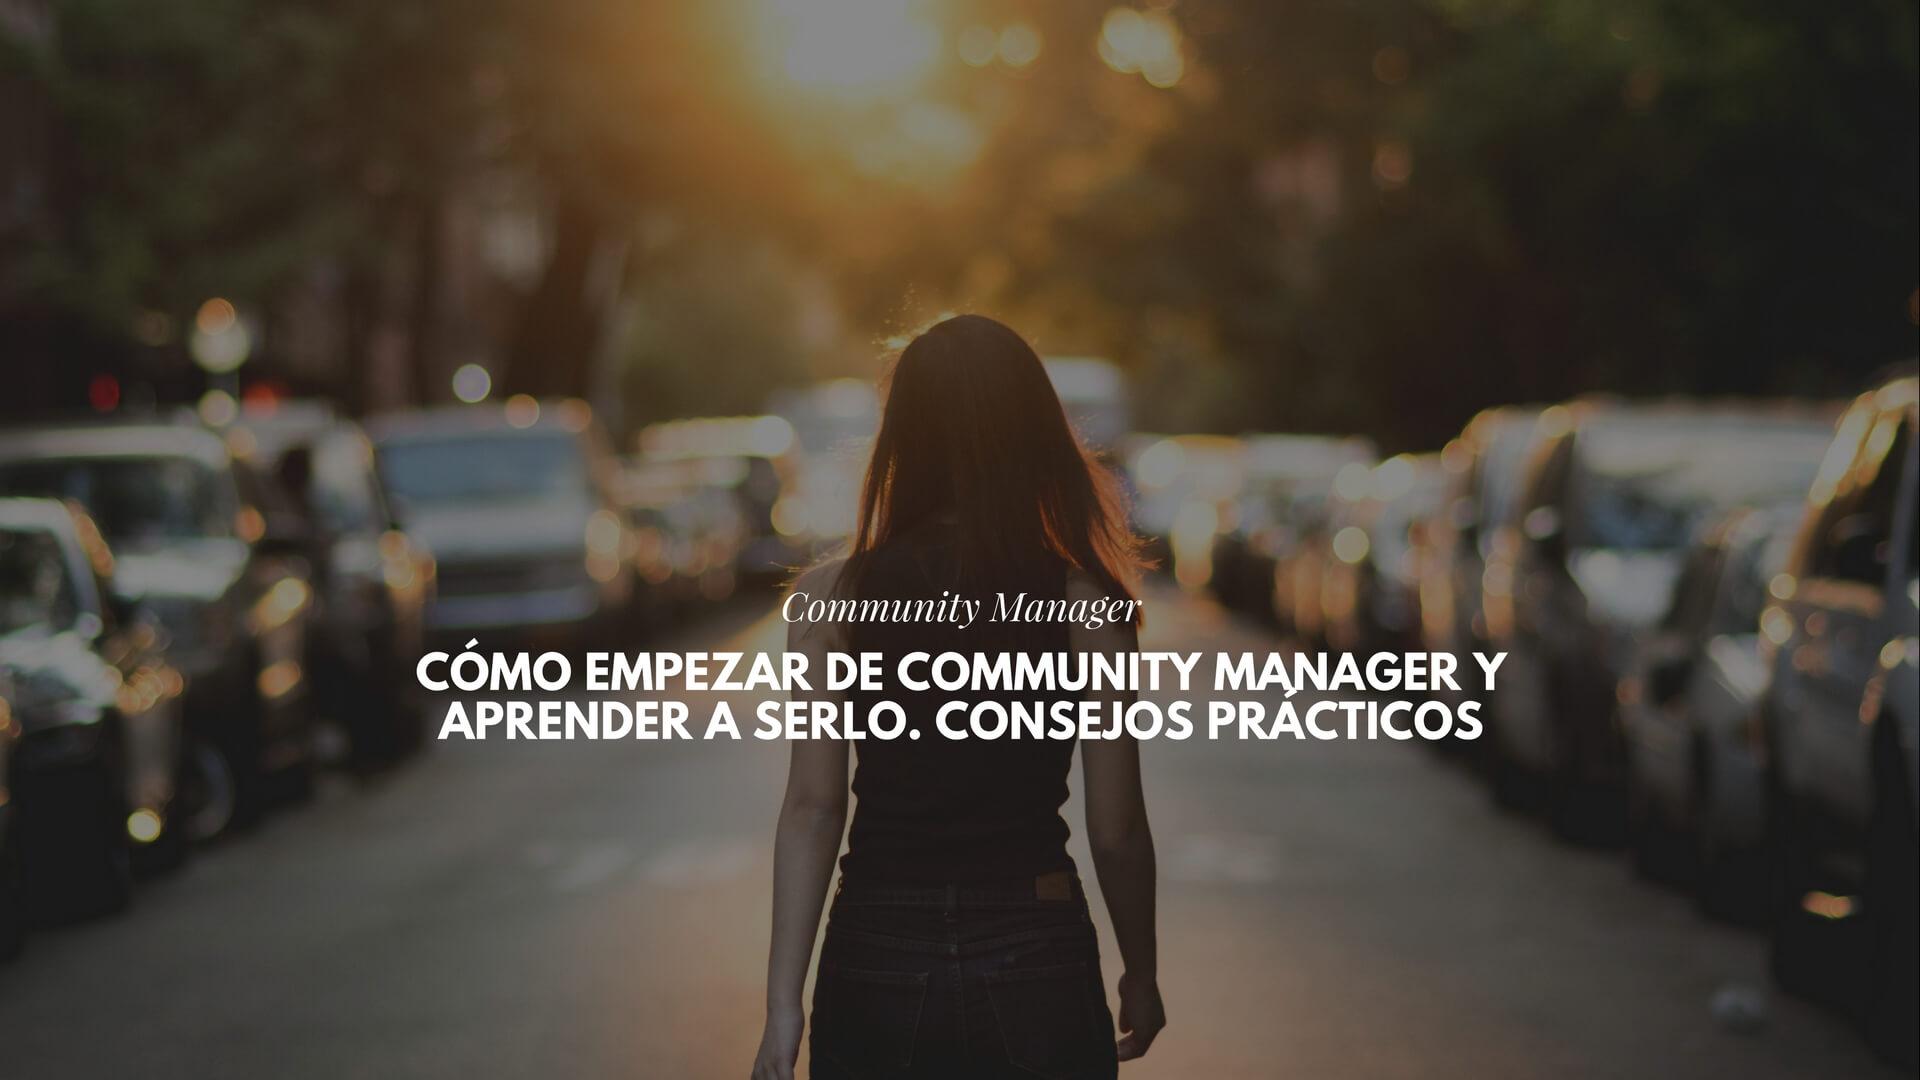 Cómo empezar de Community Manager y aprender a serlo. Consejos prácticos